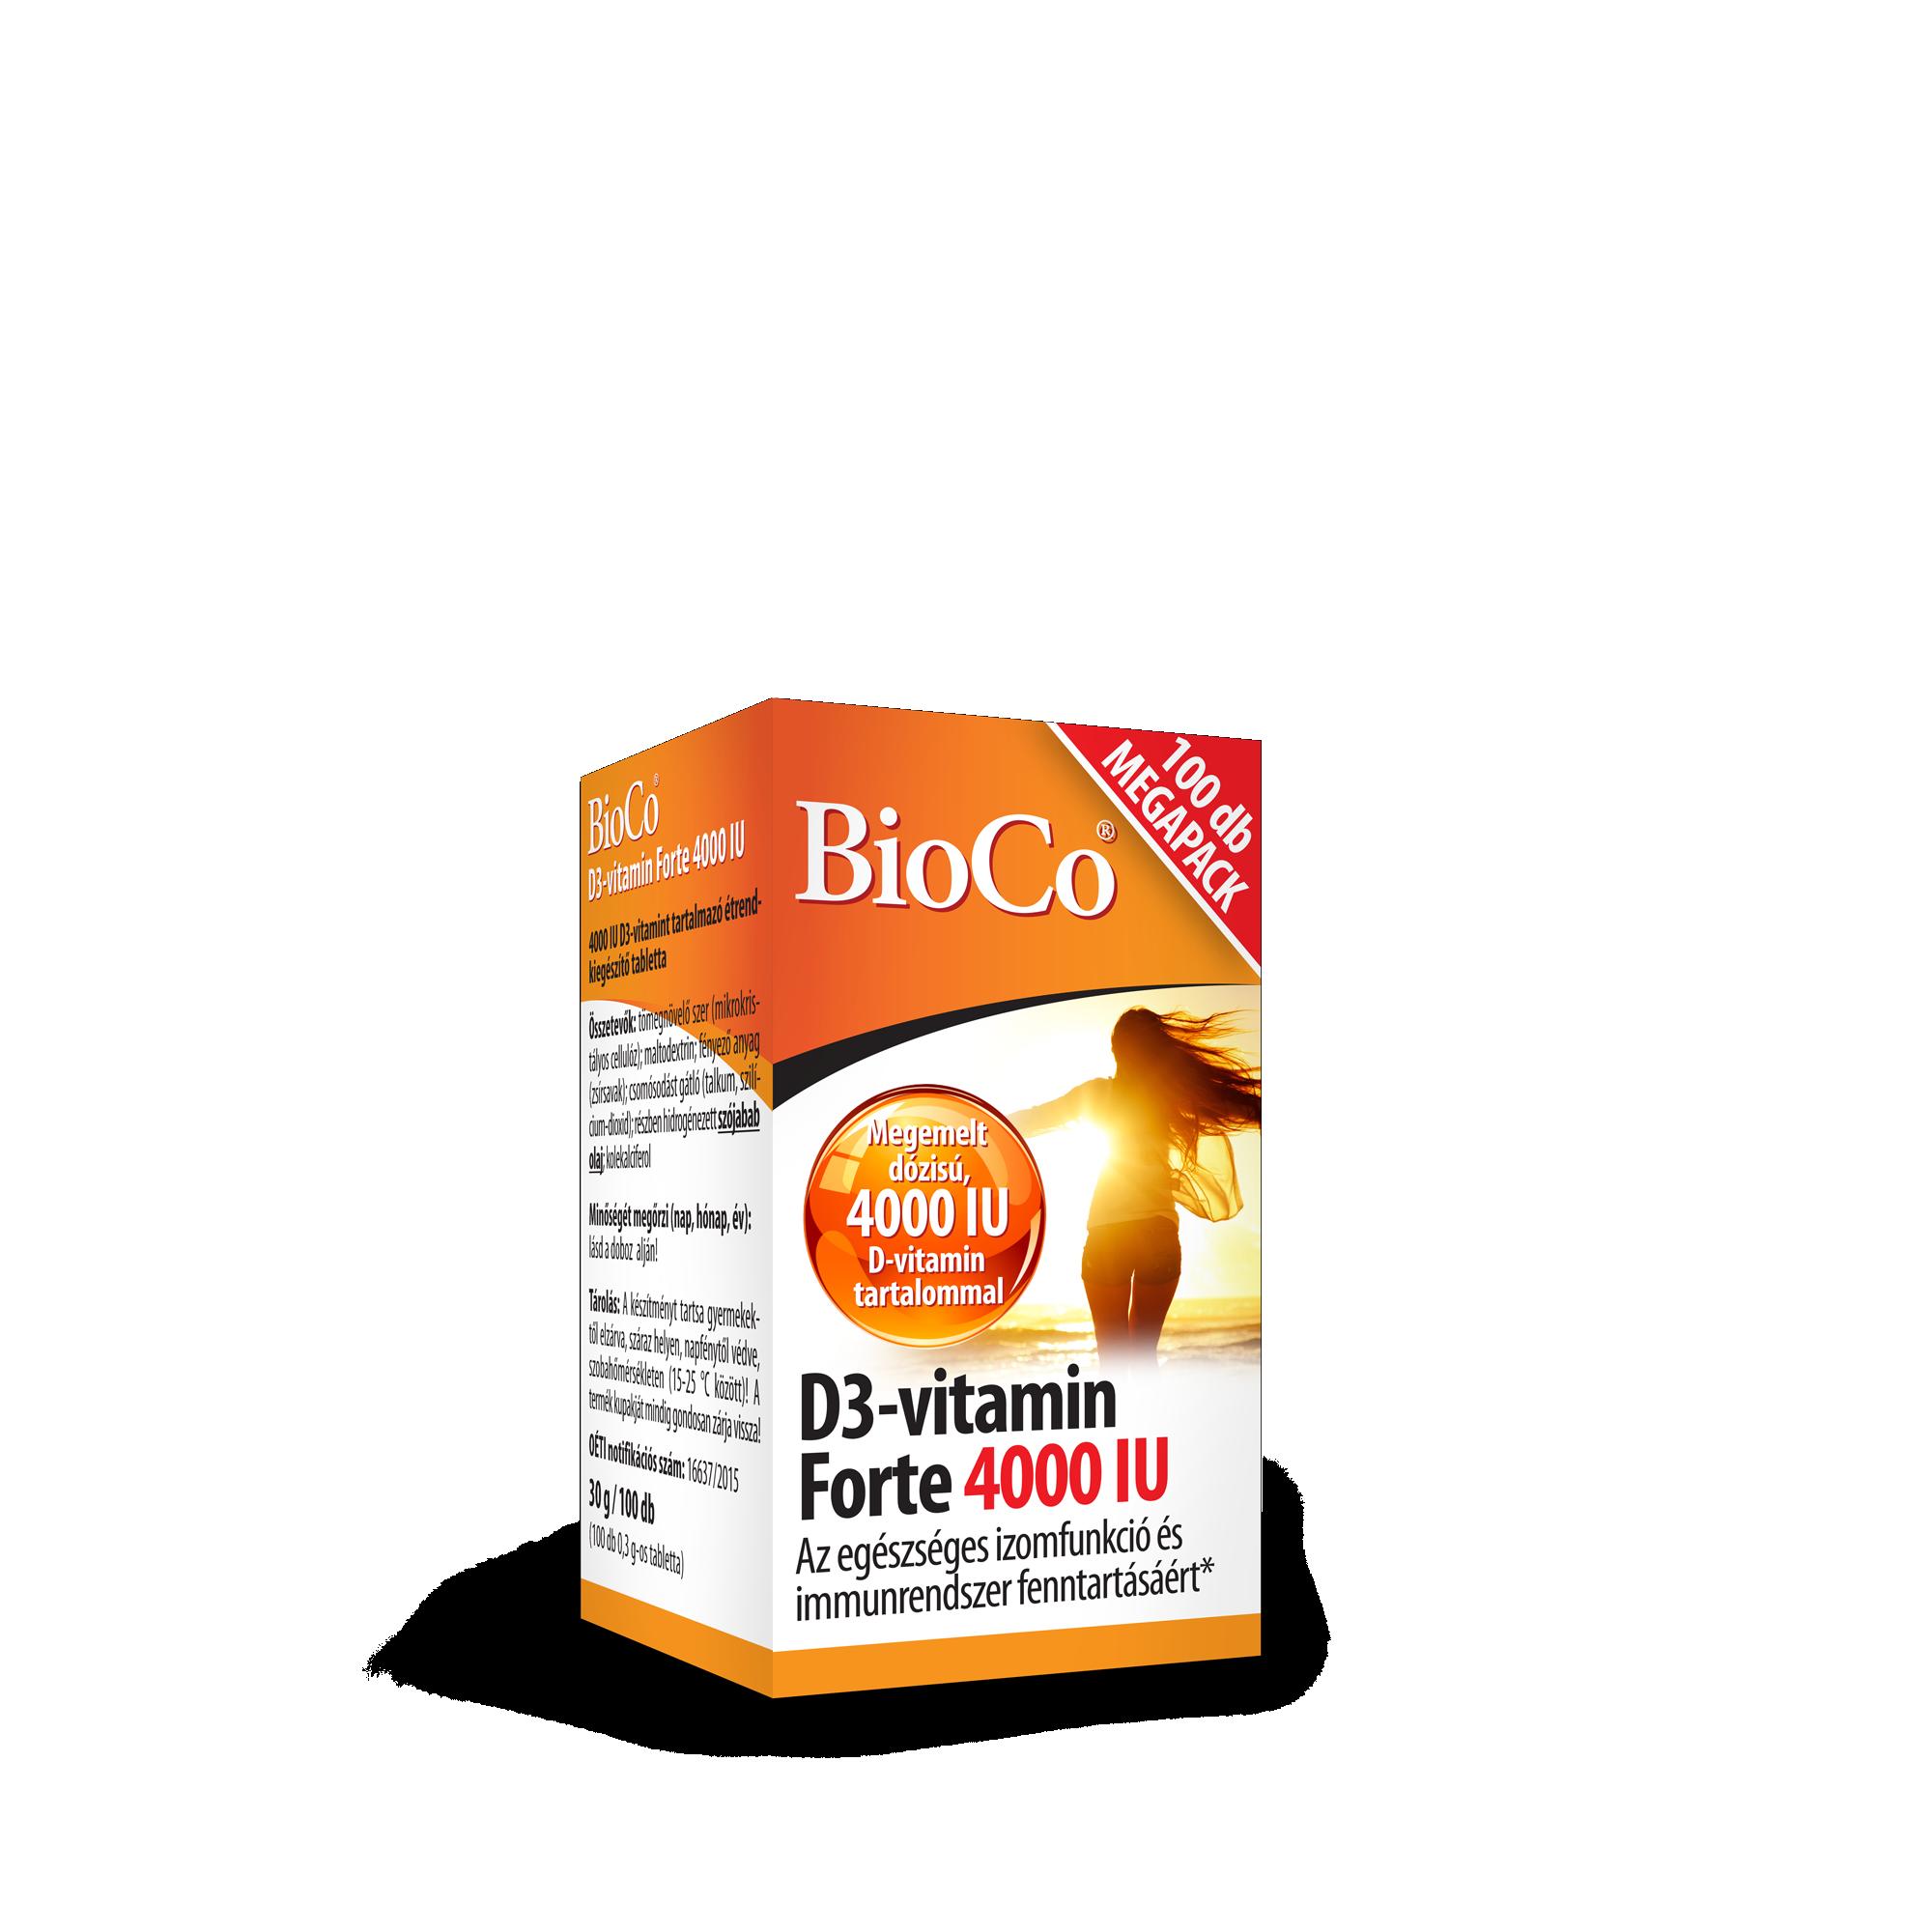 BioCo D3-vitamin 4000 IU forte tabletta 100x